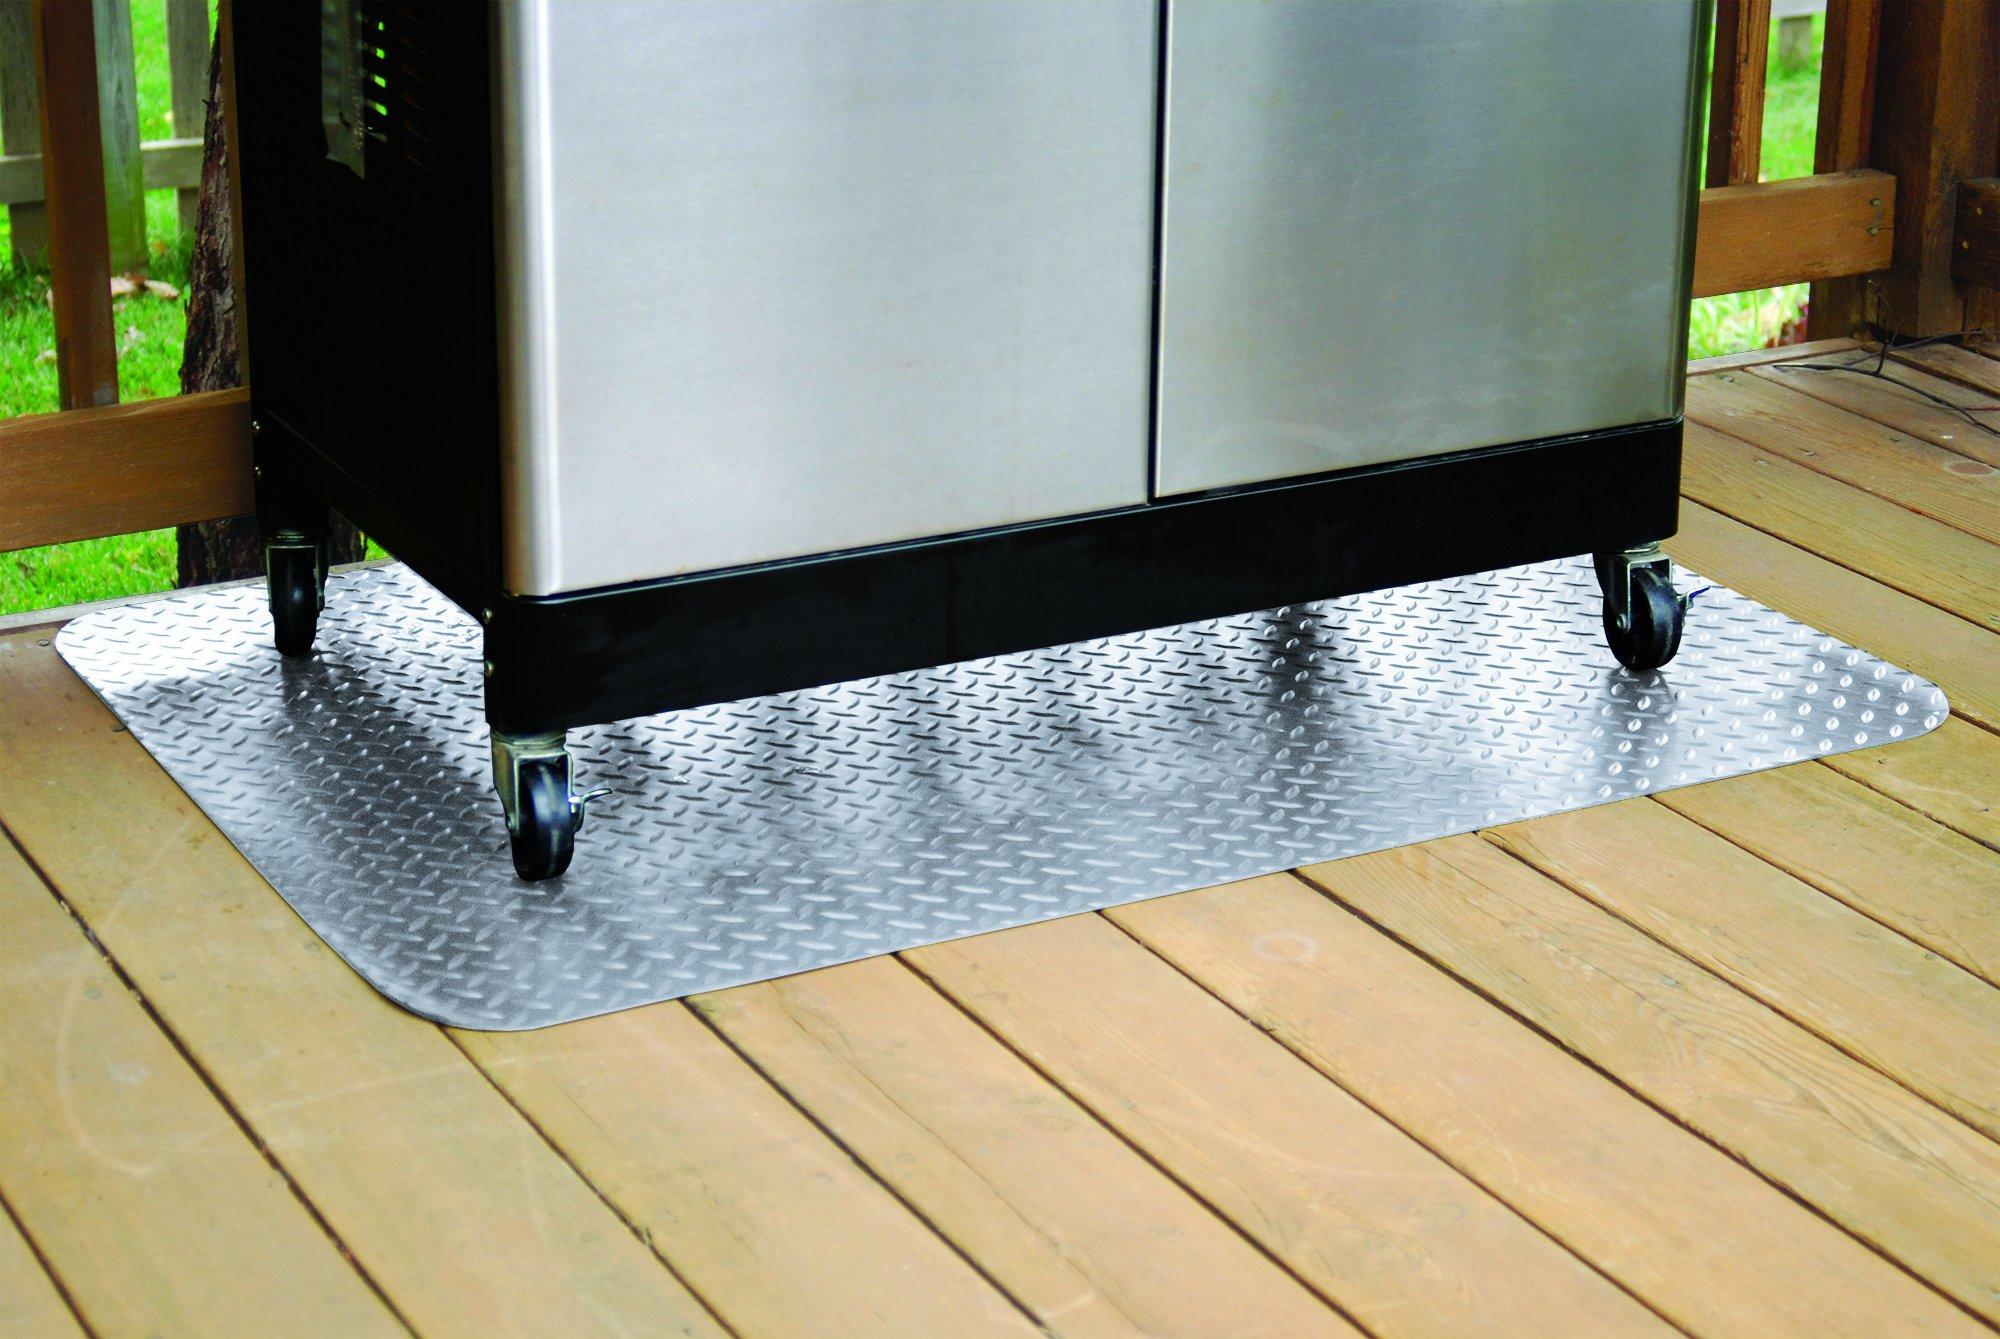 Jur_Global Grill Mat, 47'' x 32'', Diamond Tread, Metallic Silver